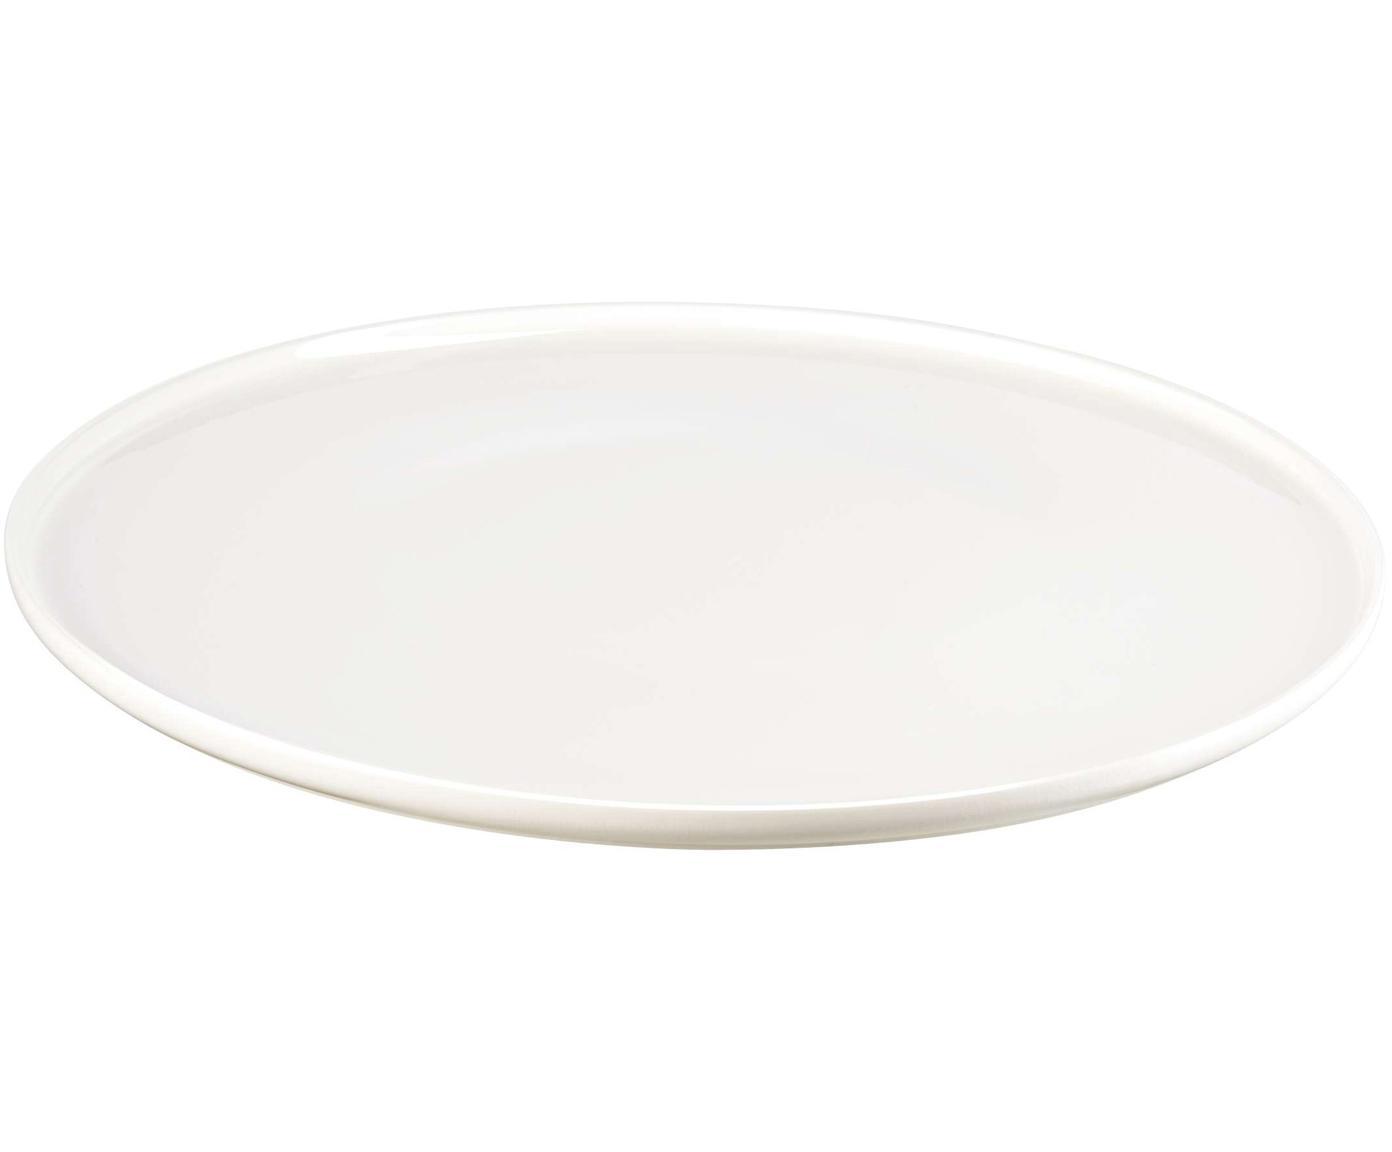 Talerz duży Oco, 6 szt., Porcelana chińska, Biały, Ø 27 cm